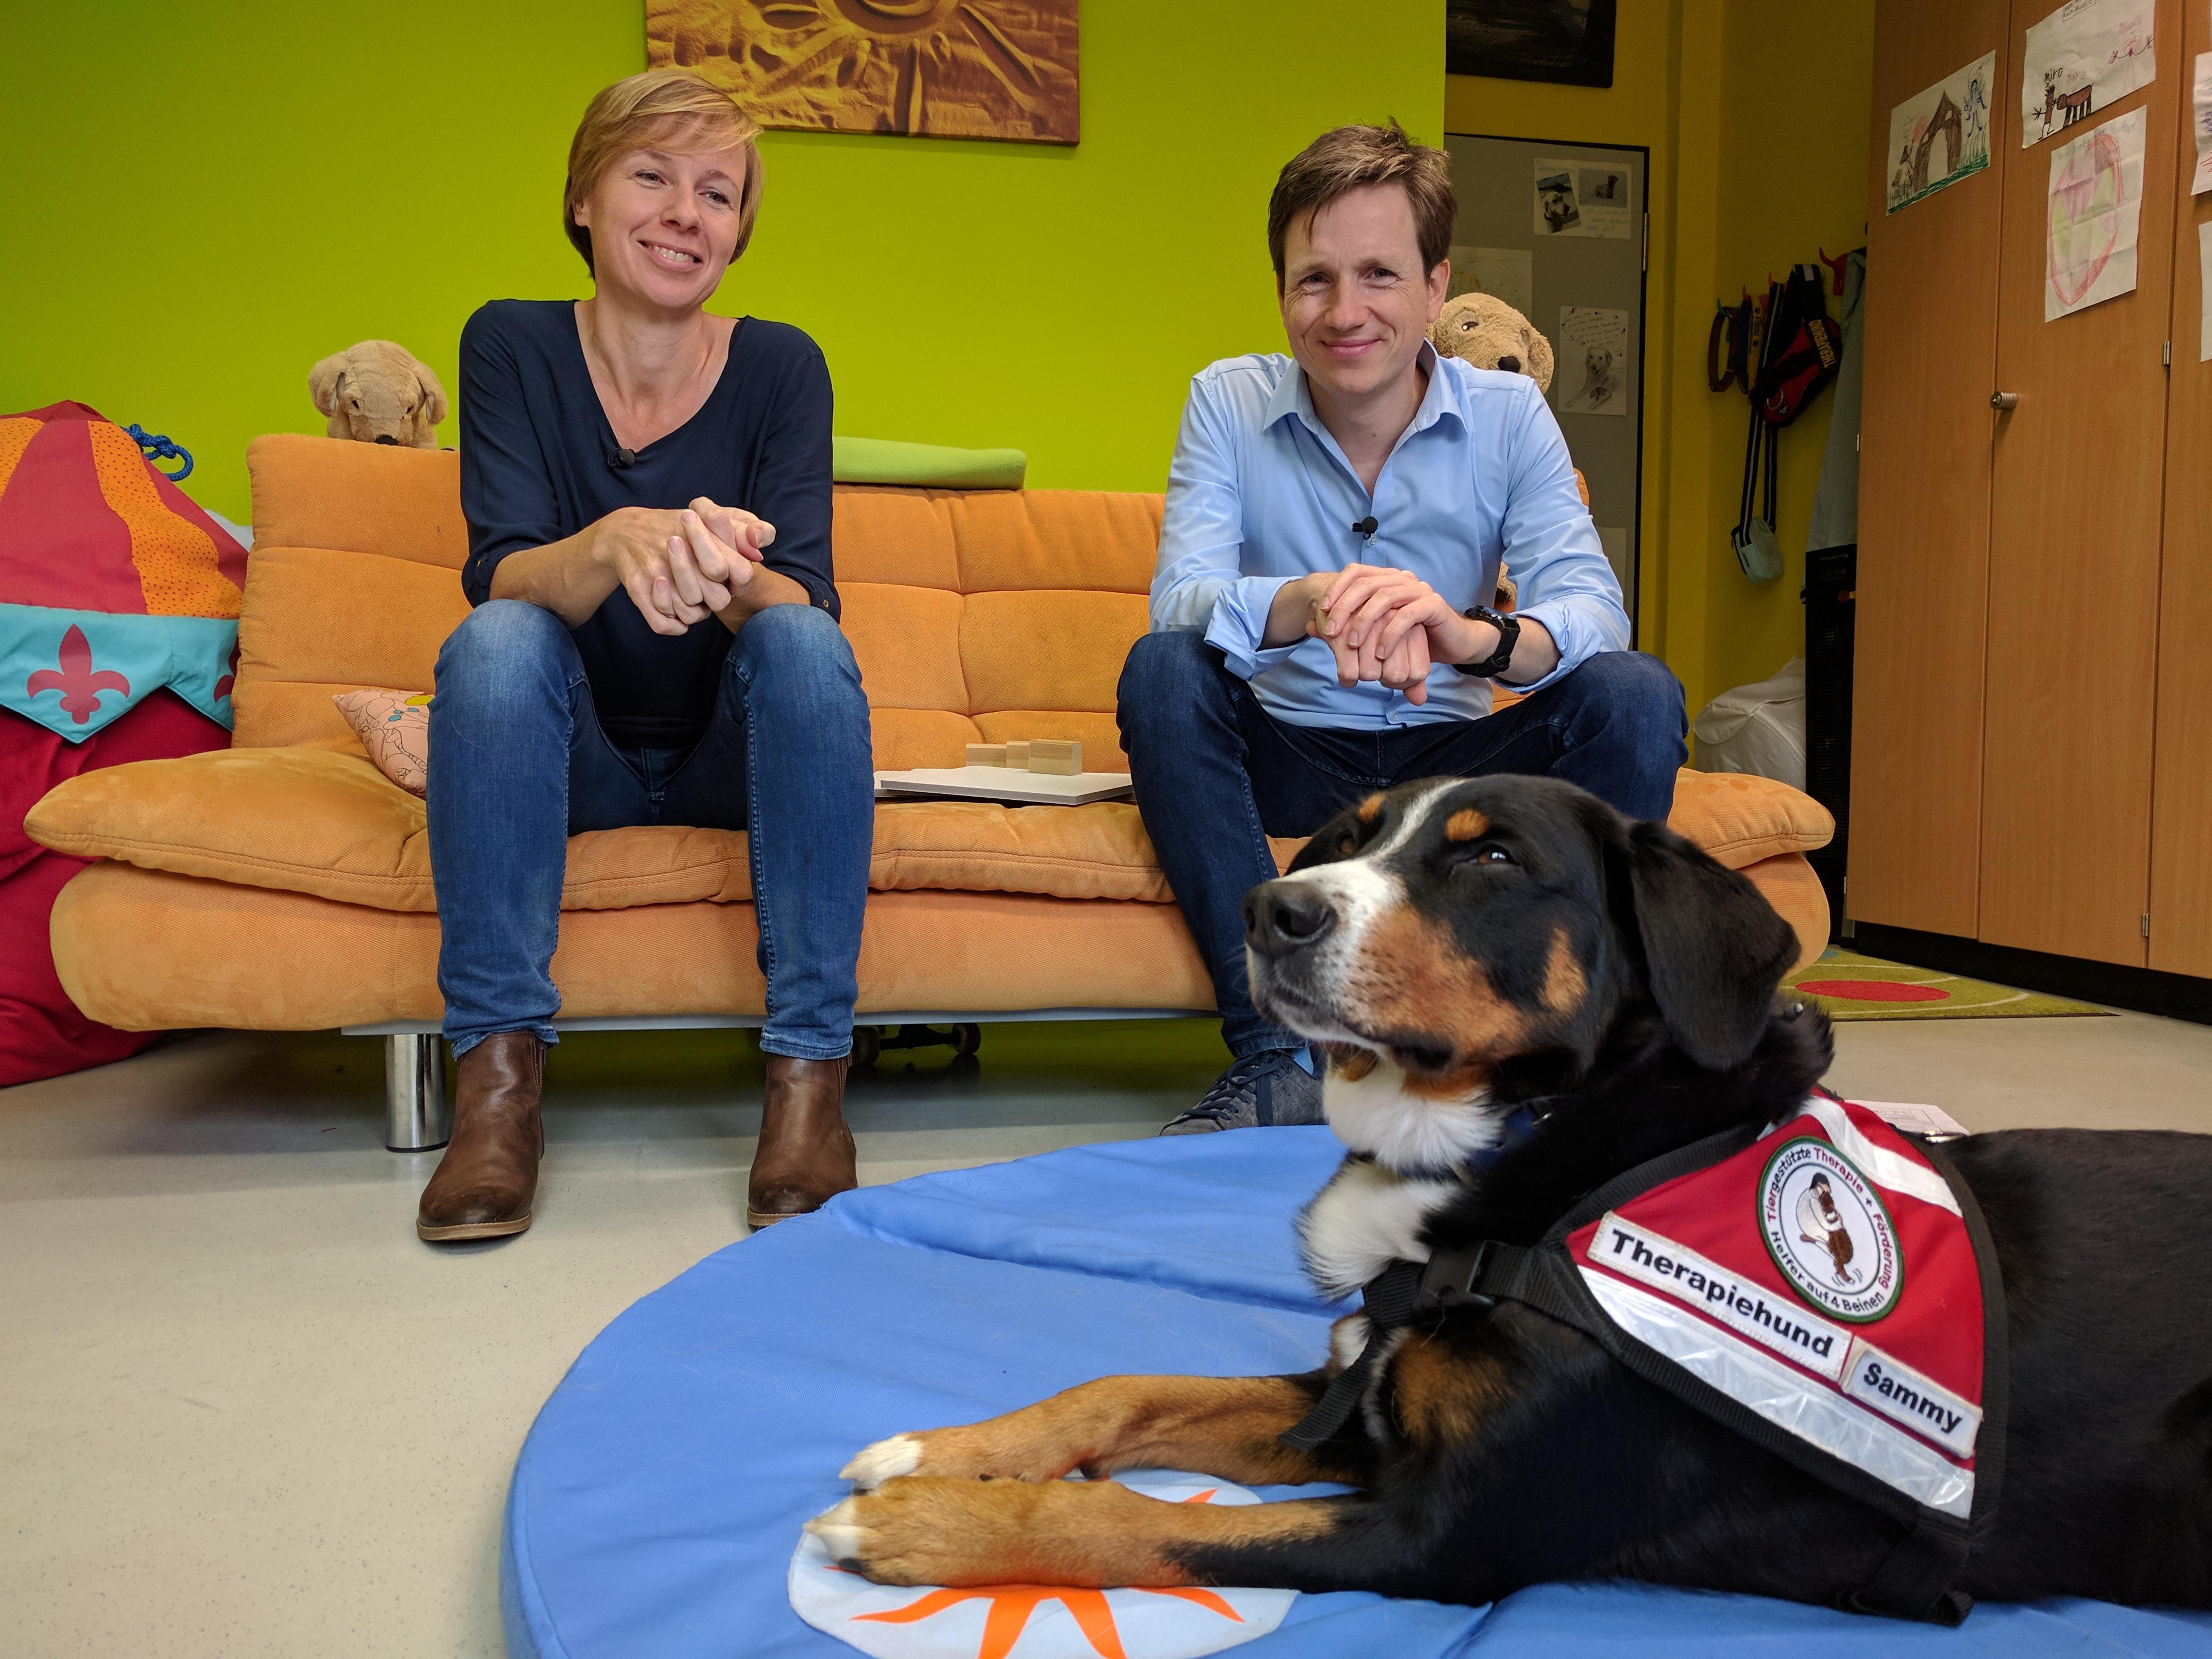 Johannes mit Aerztin und Therapiehund